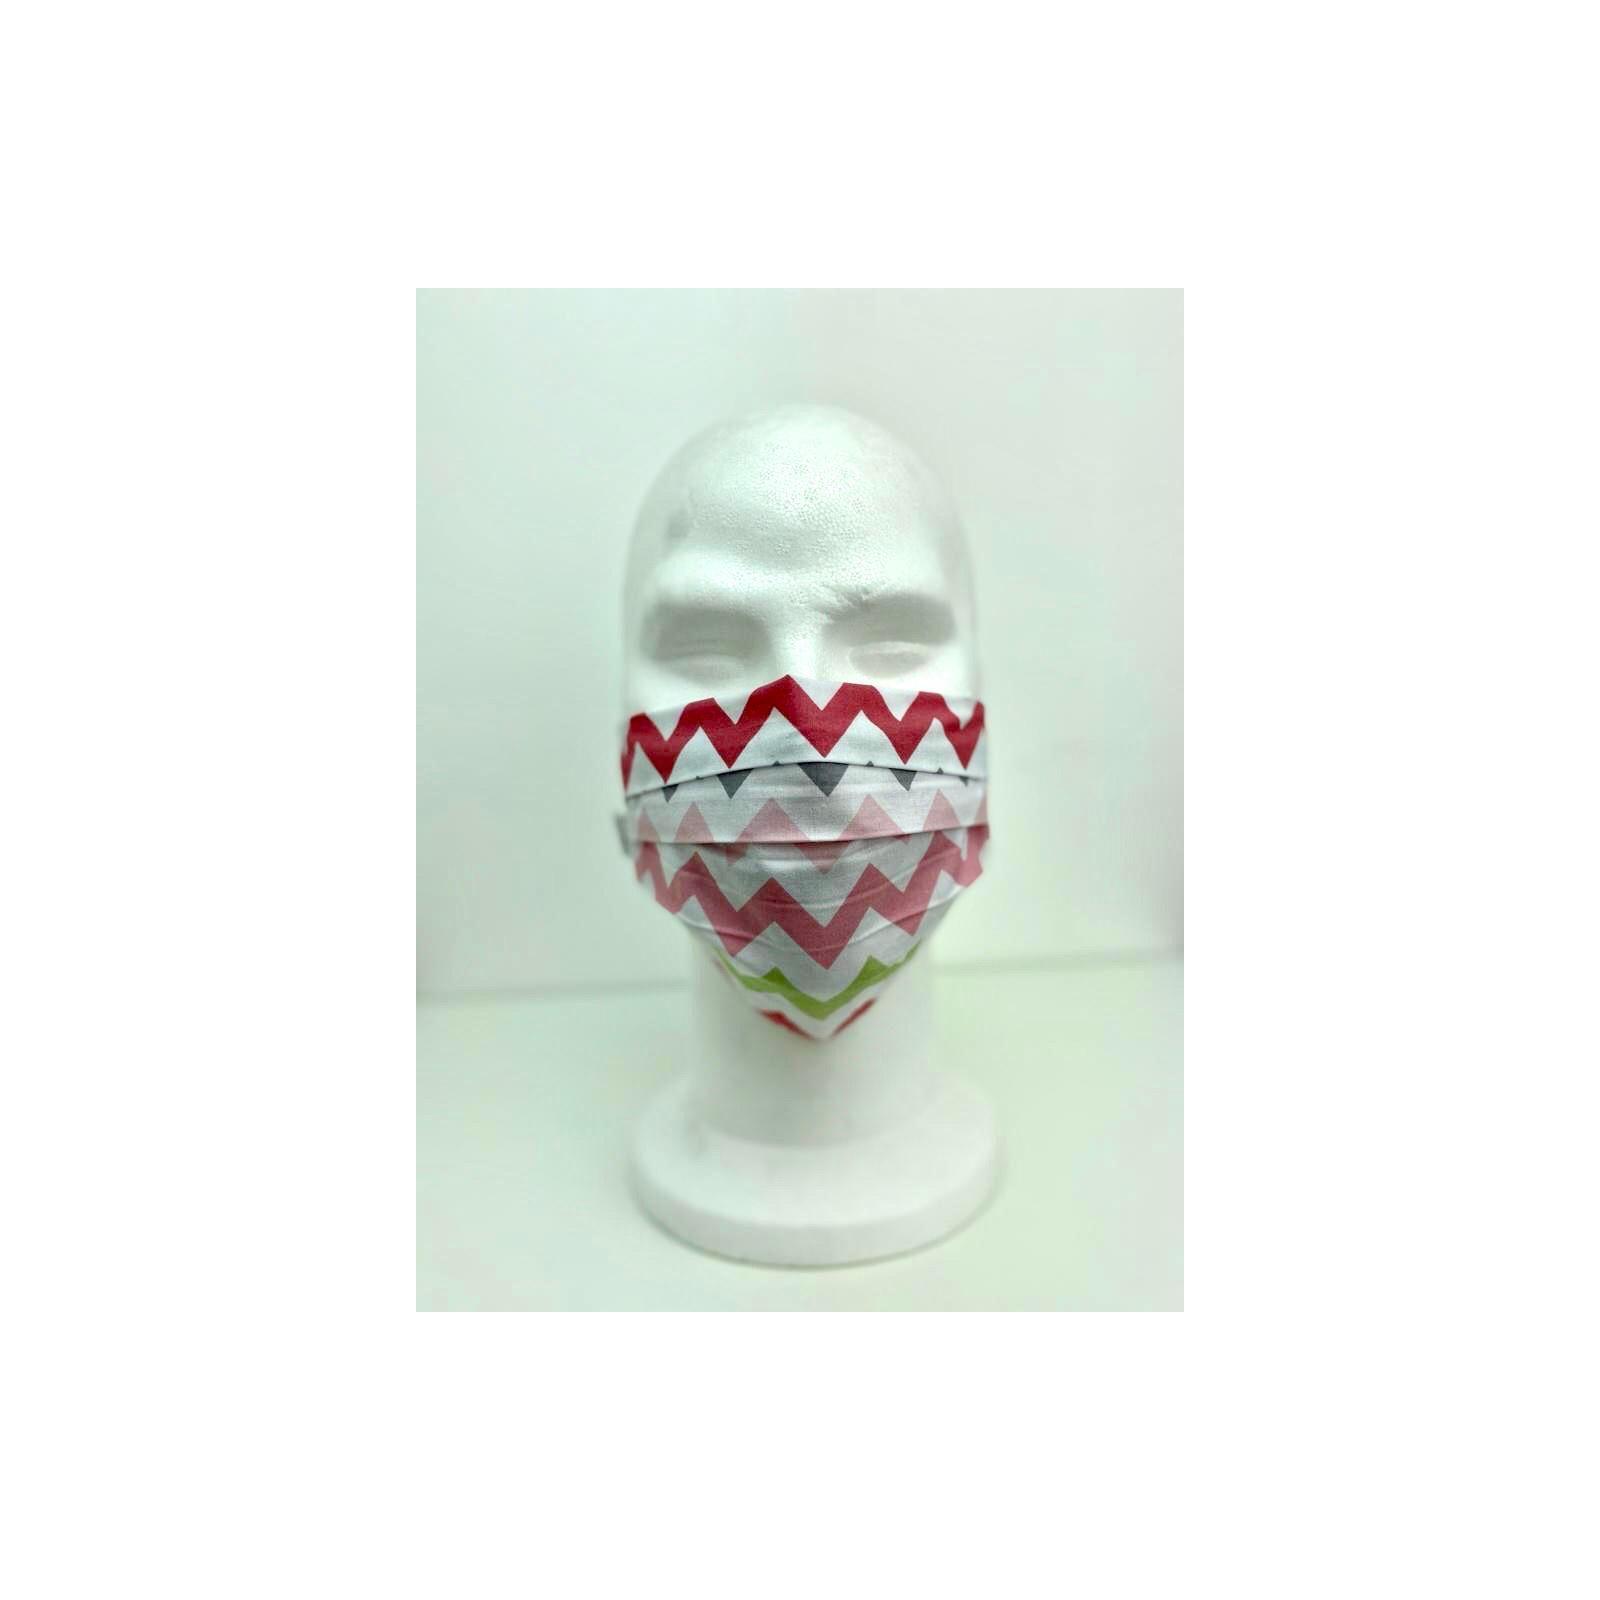 Lot 10 - Masque de protection Unisexe motifs vagues vue modèle 1